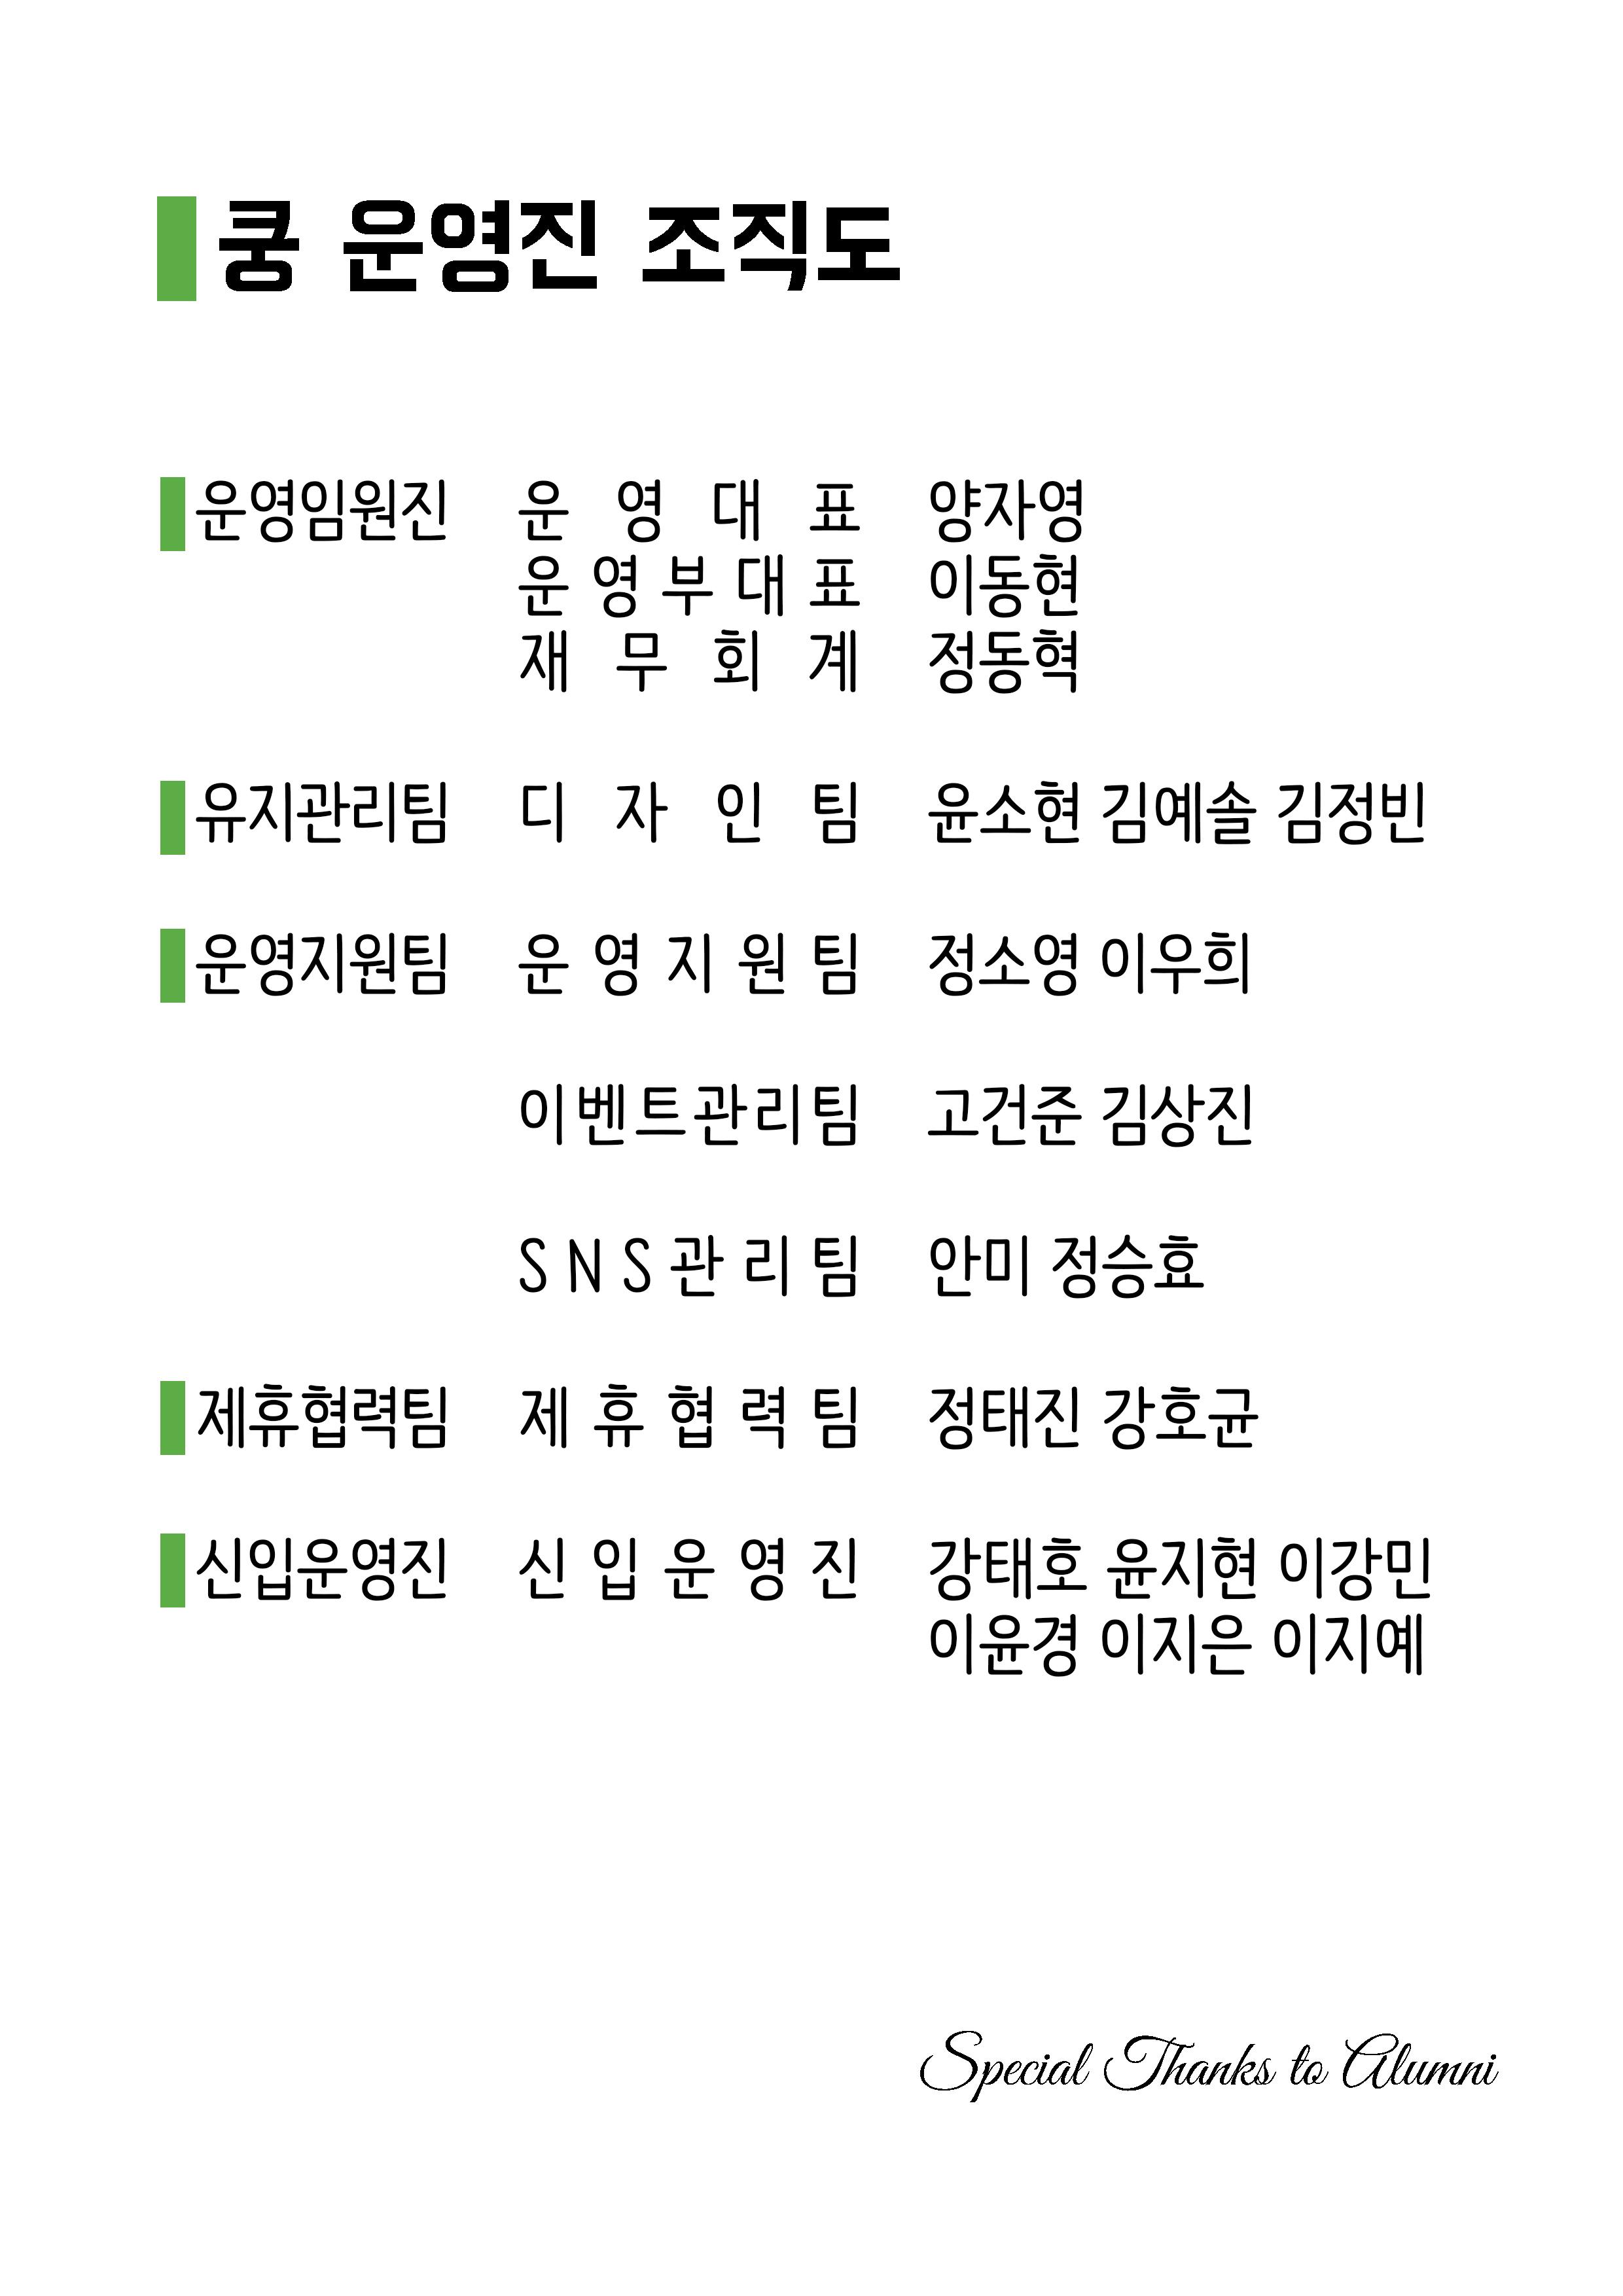 2017 하반기 쿵 운영진 조직도.jpg